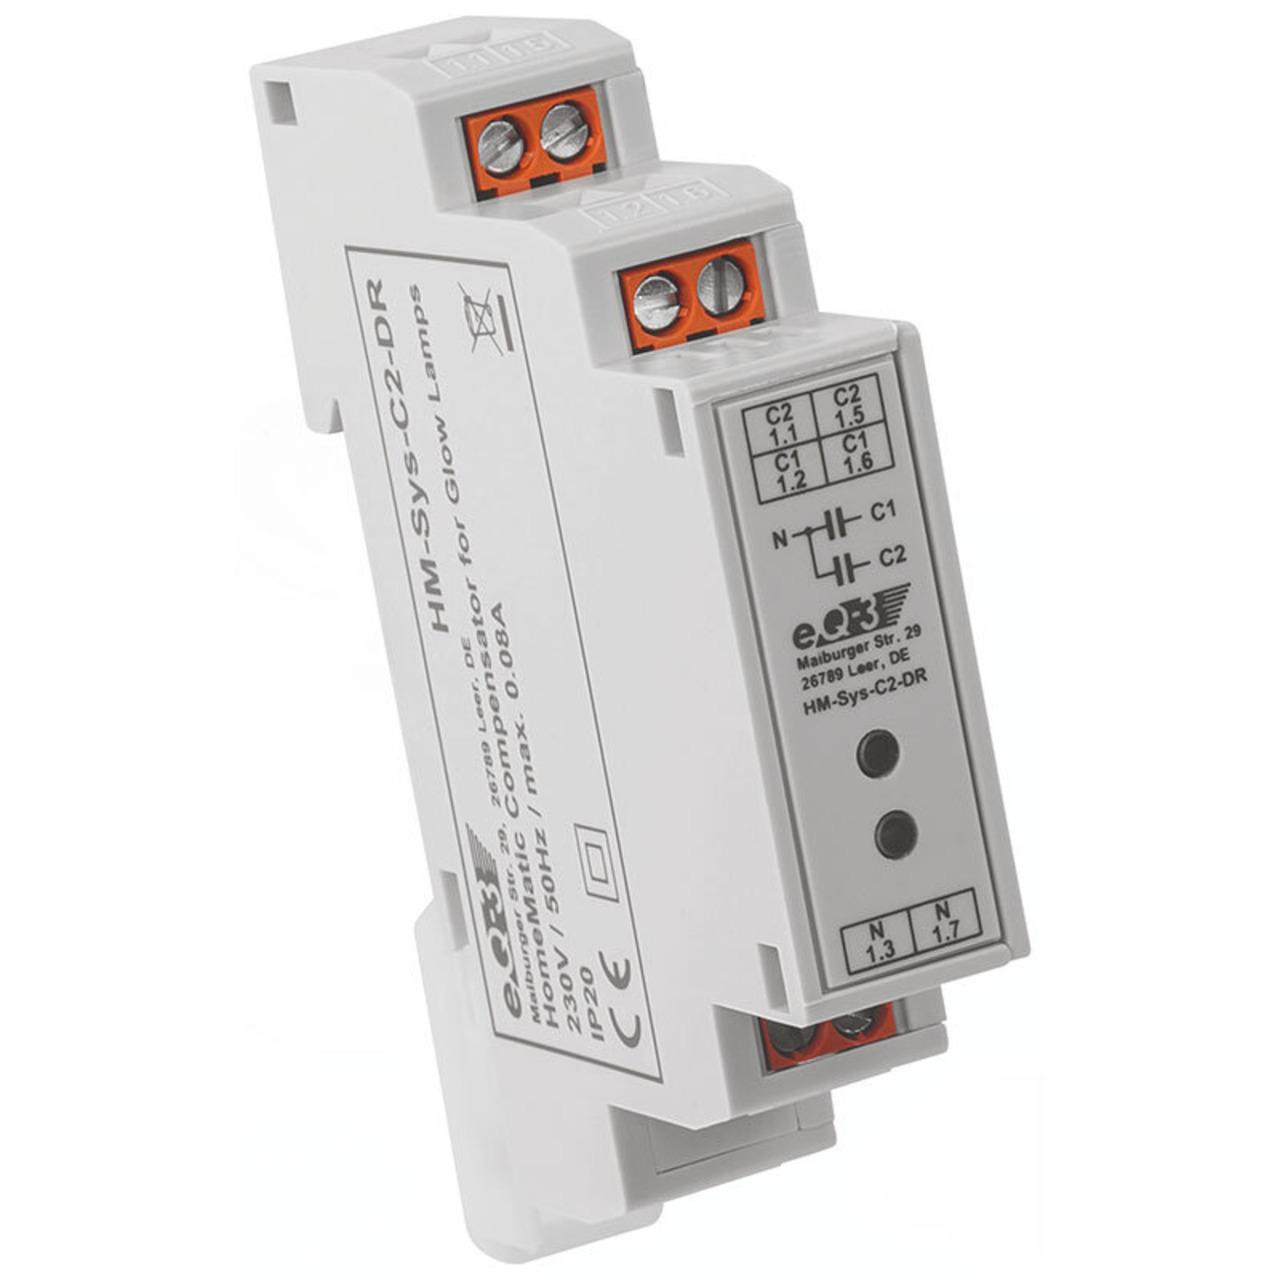 ELV Homematic Komplettbausatz Kompensator für Glimmlampen HM-Sys-C2-DR